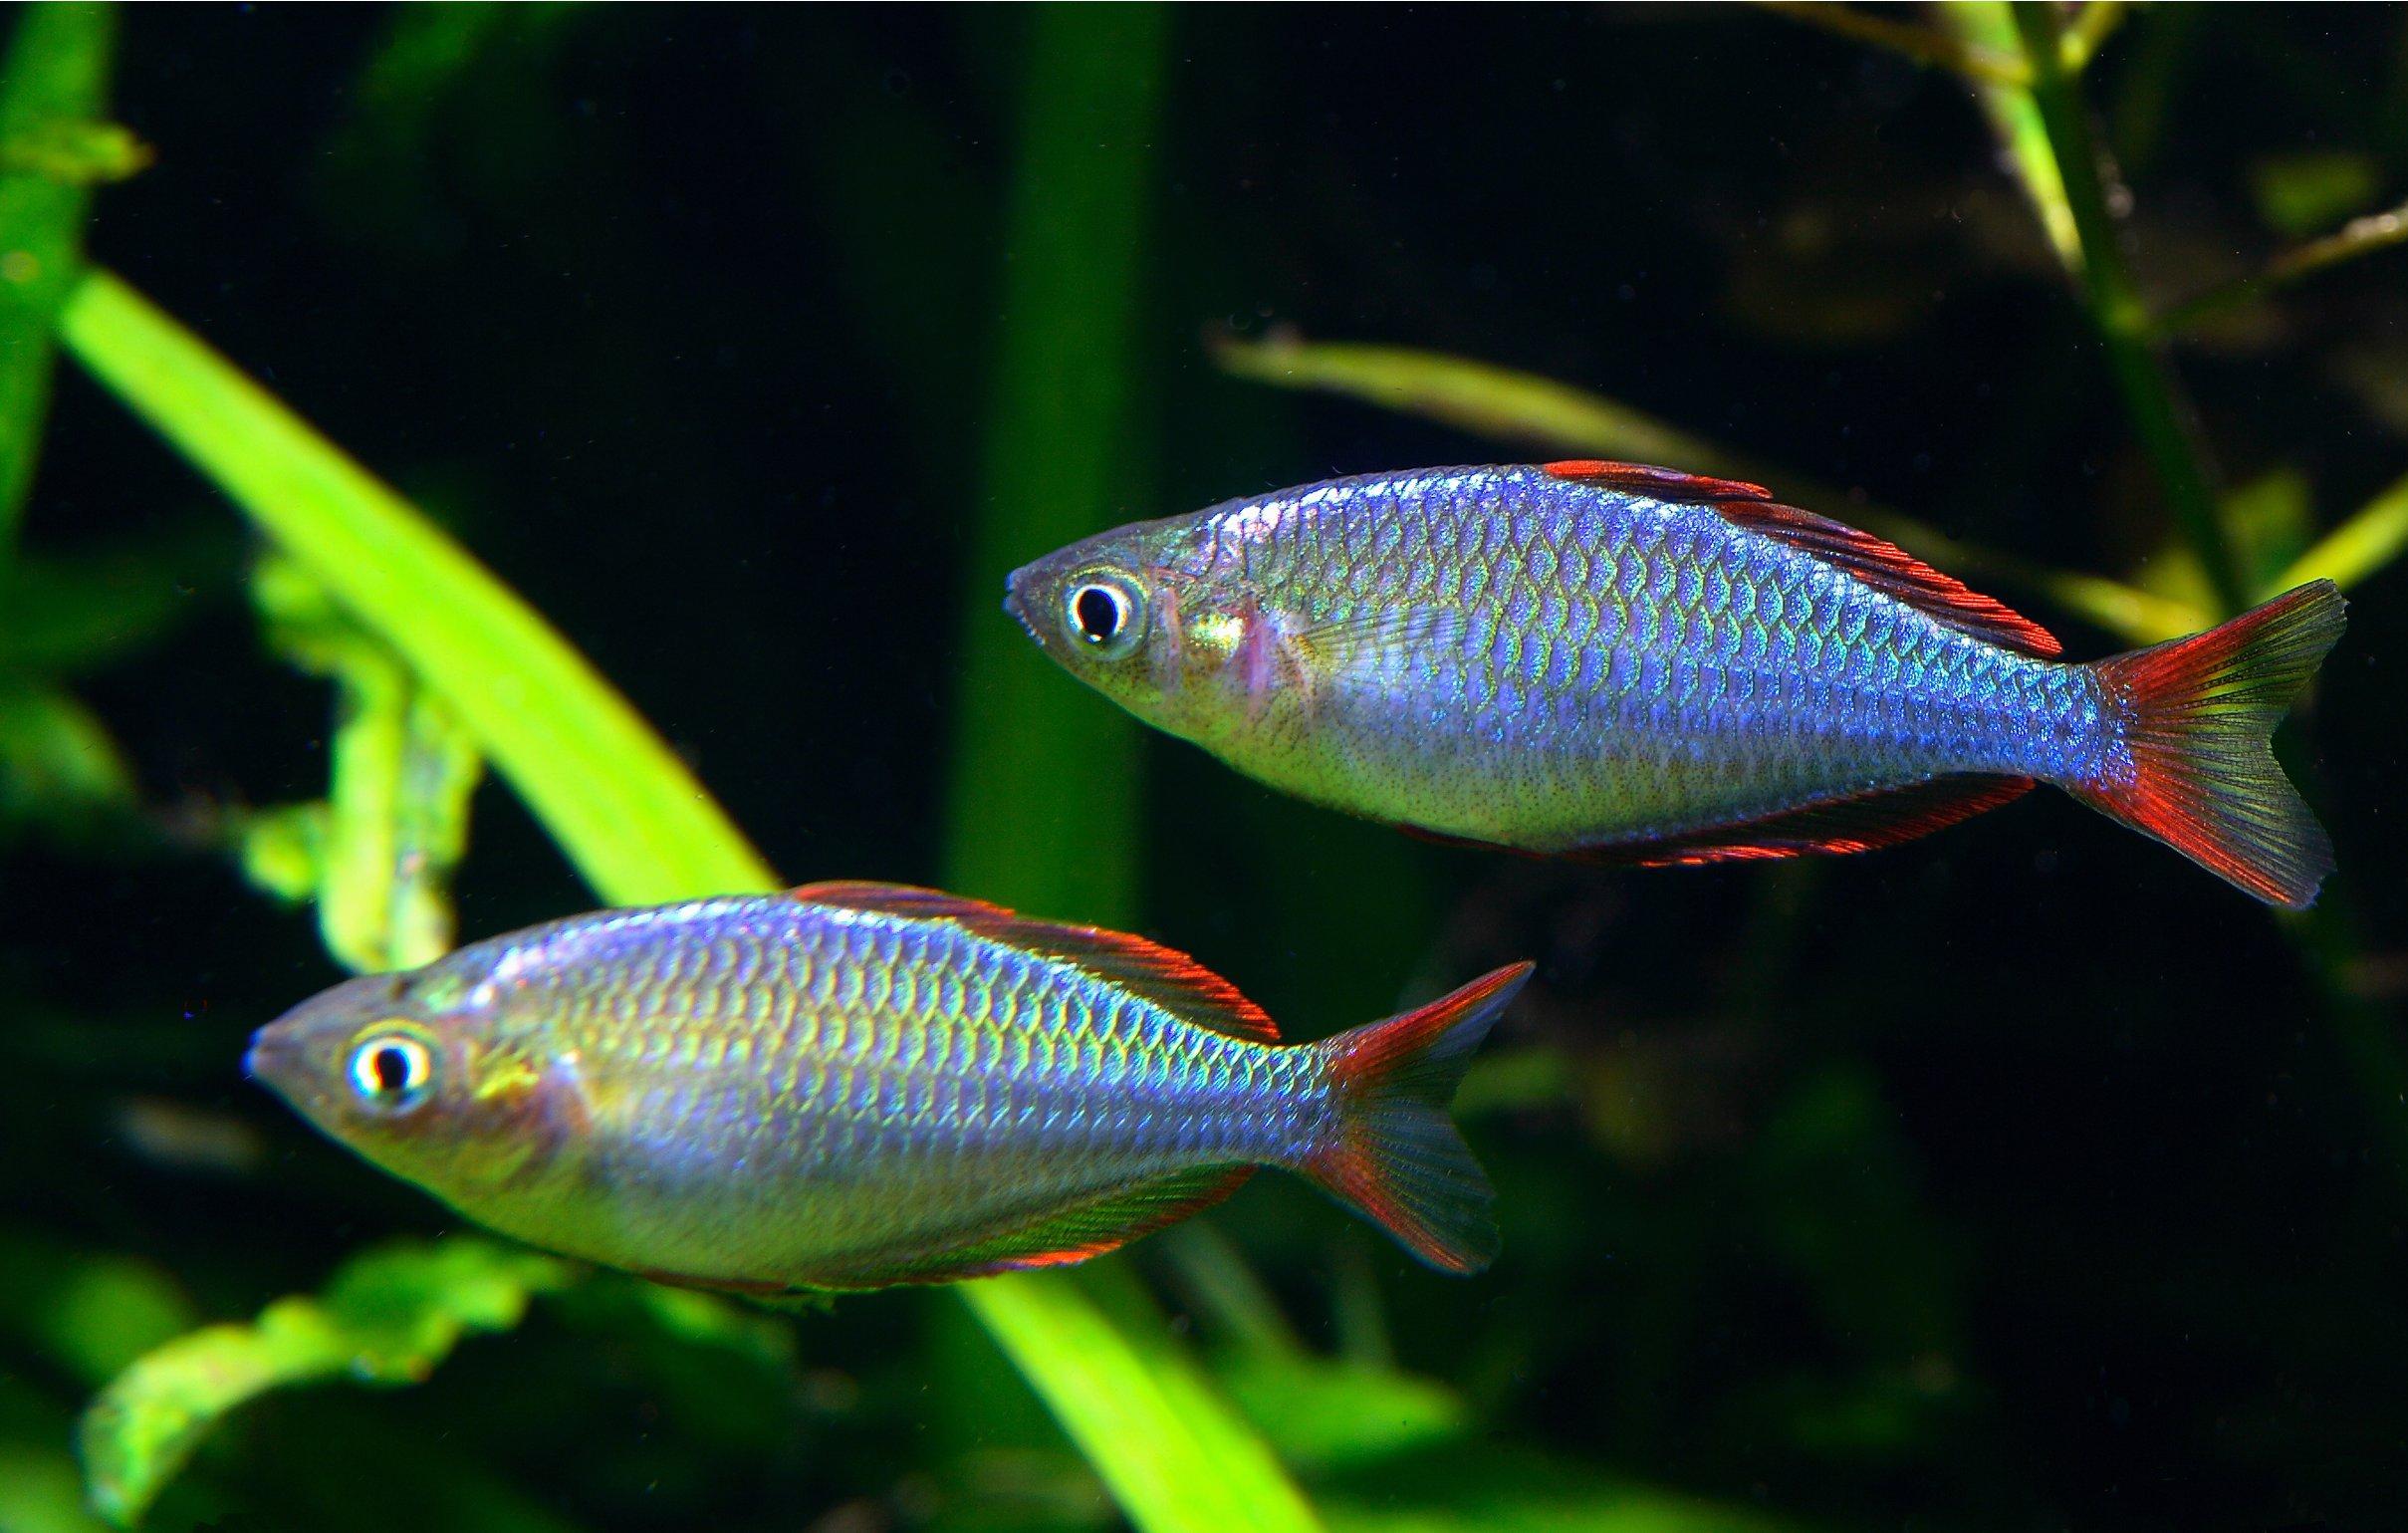 pair of male dwarf neon rainbows in a home aquarium